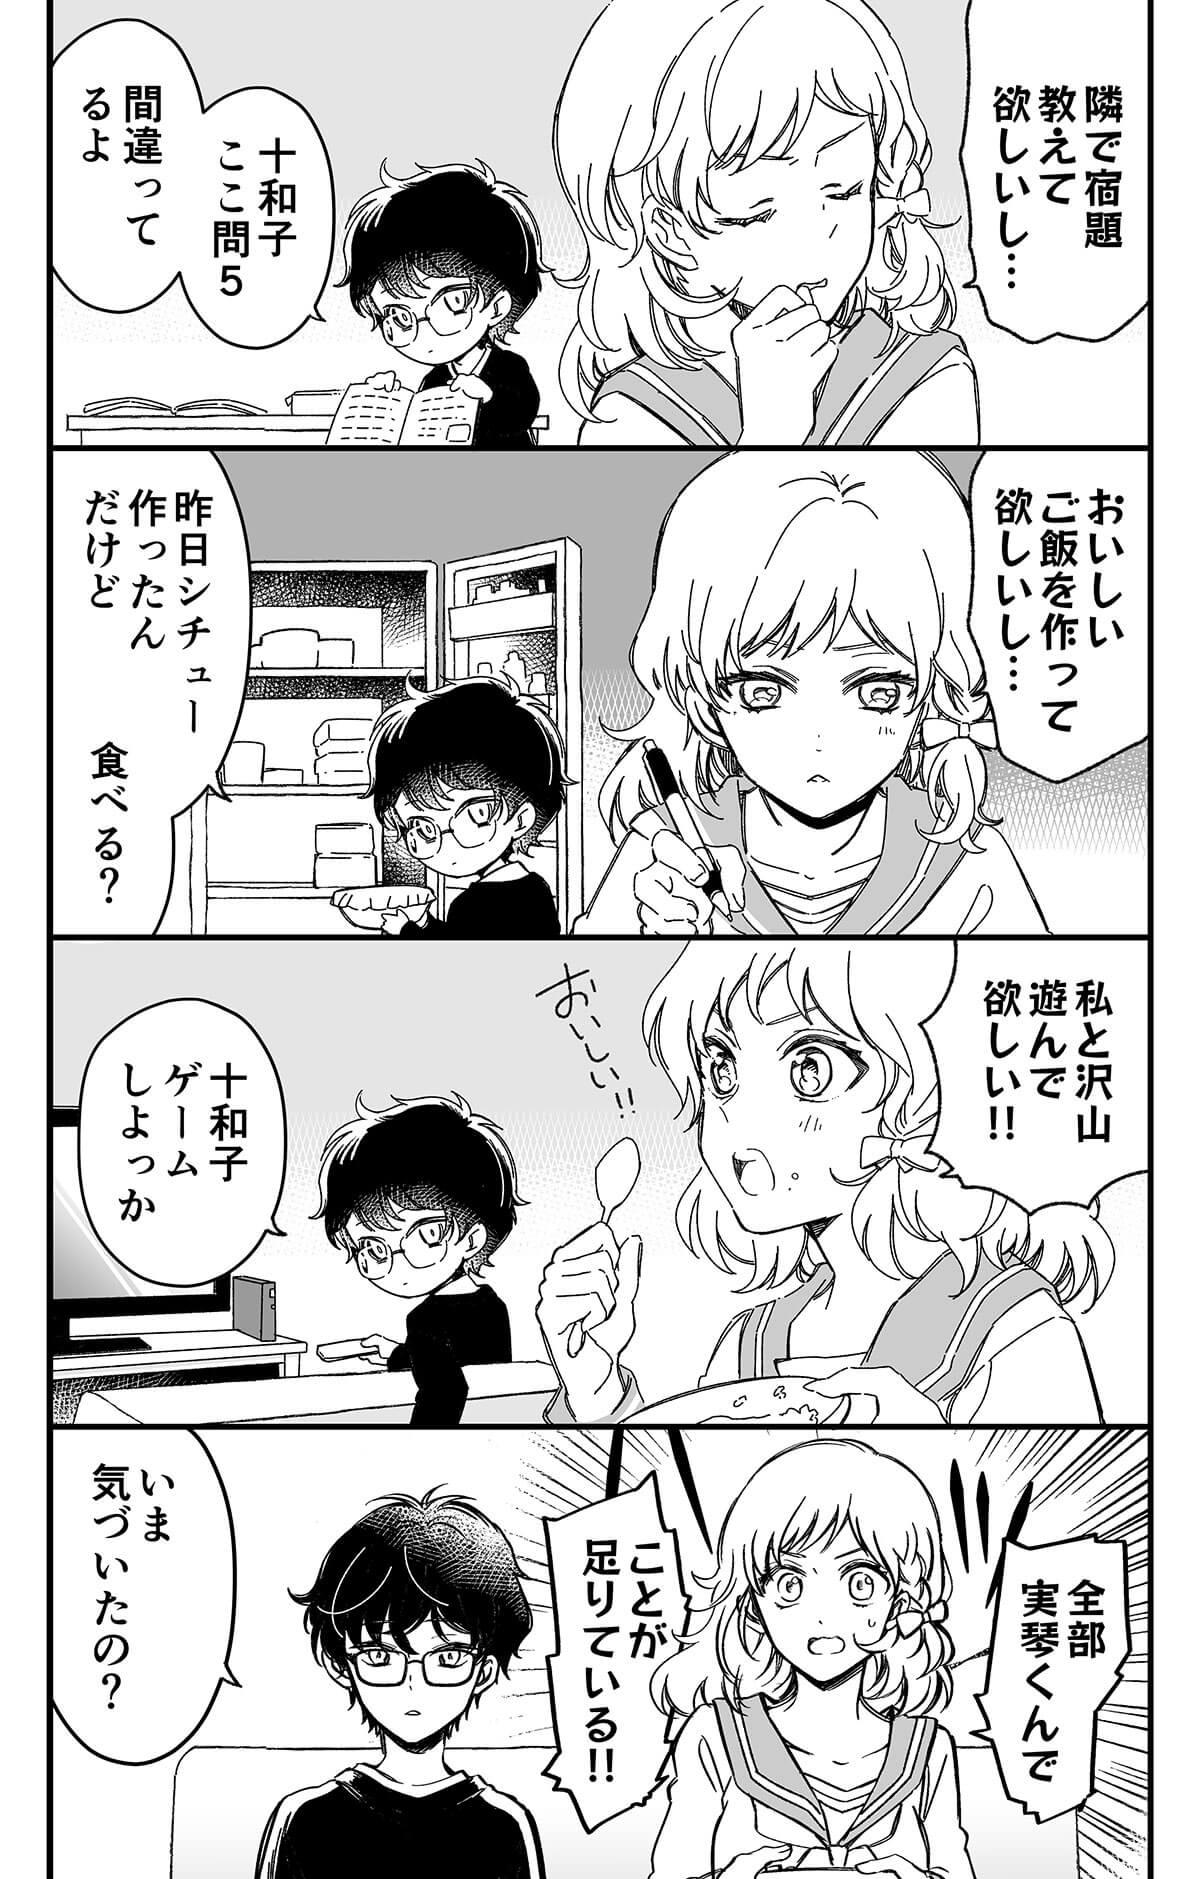 トナリのイケショタくん1-4